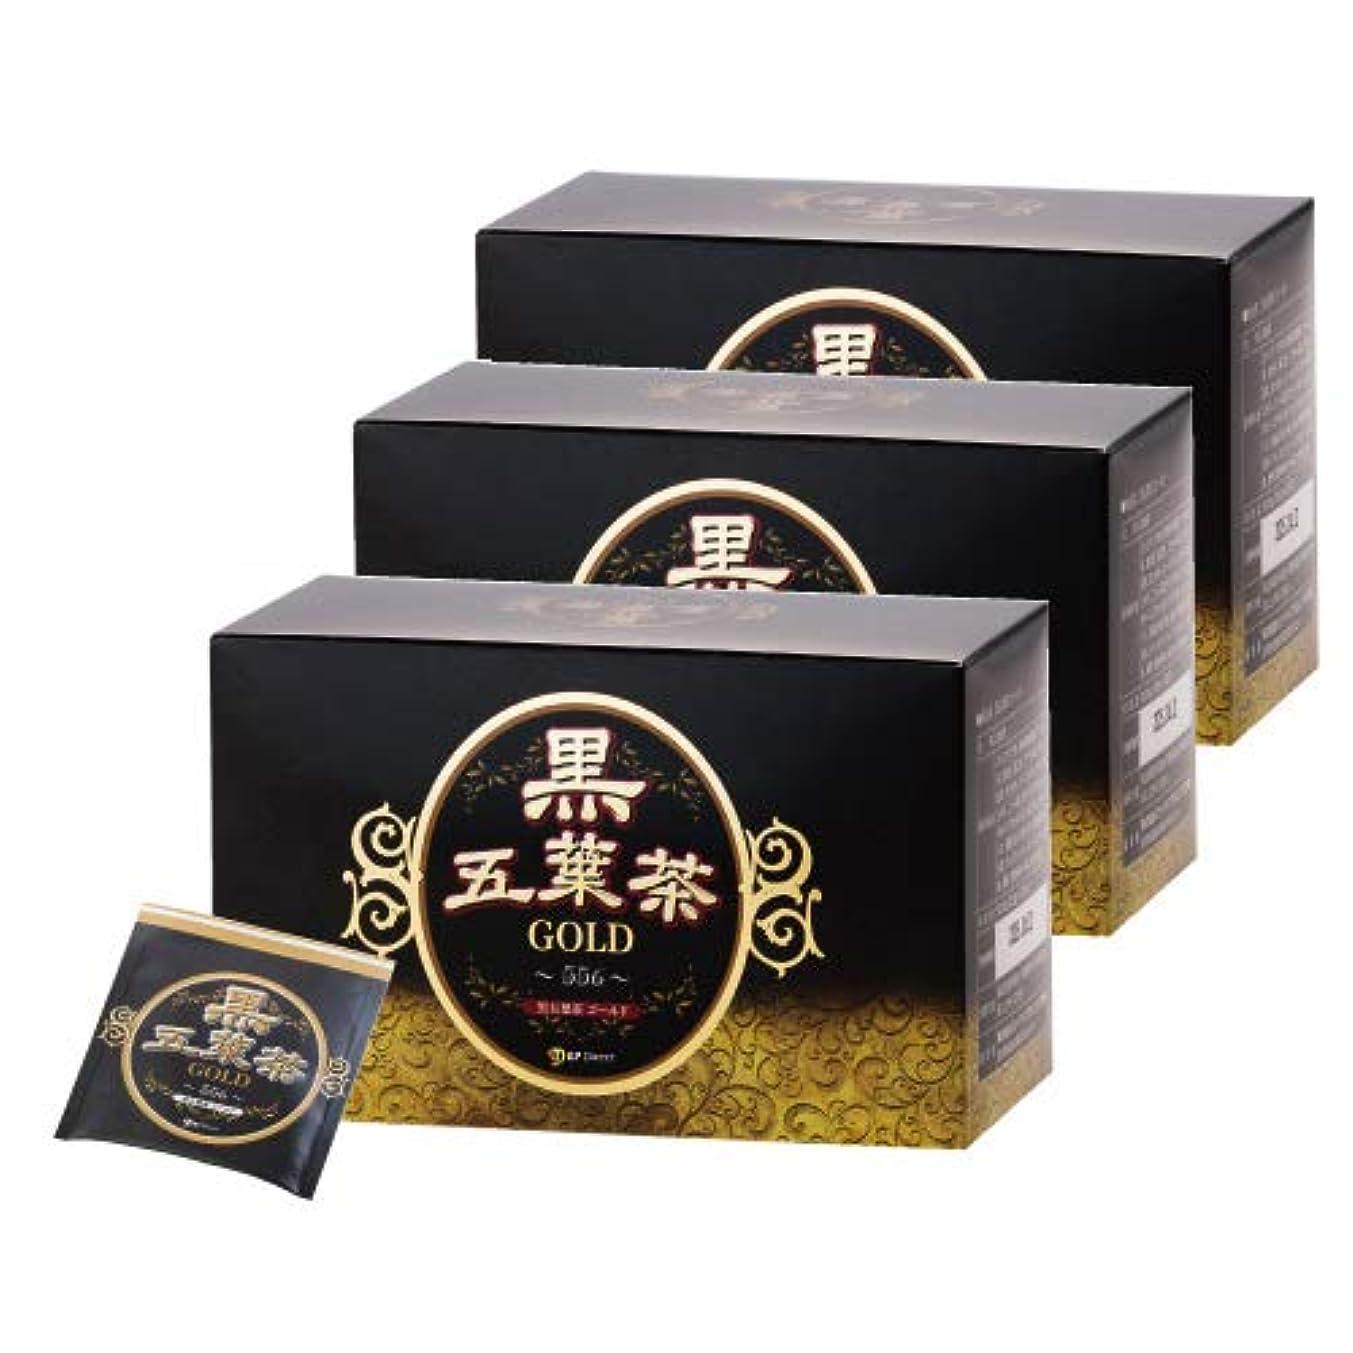 葉っぱ透けて見える七時半黒五葉茶ゴールド 30包 3箱セット ダイエット ダイエット茶 ダイエットティー ハーブティー 難消化性デキストリン